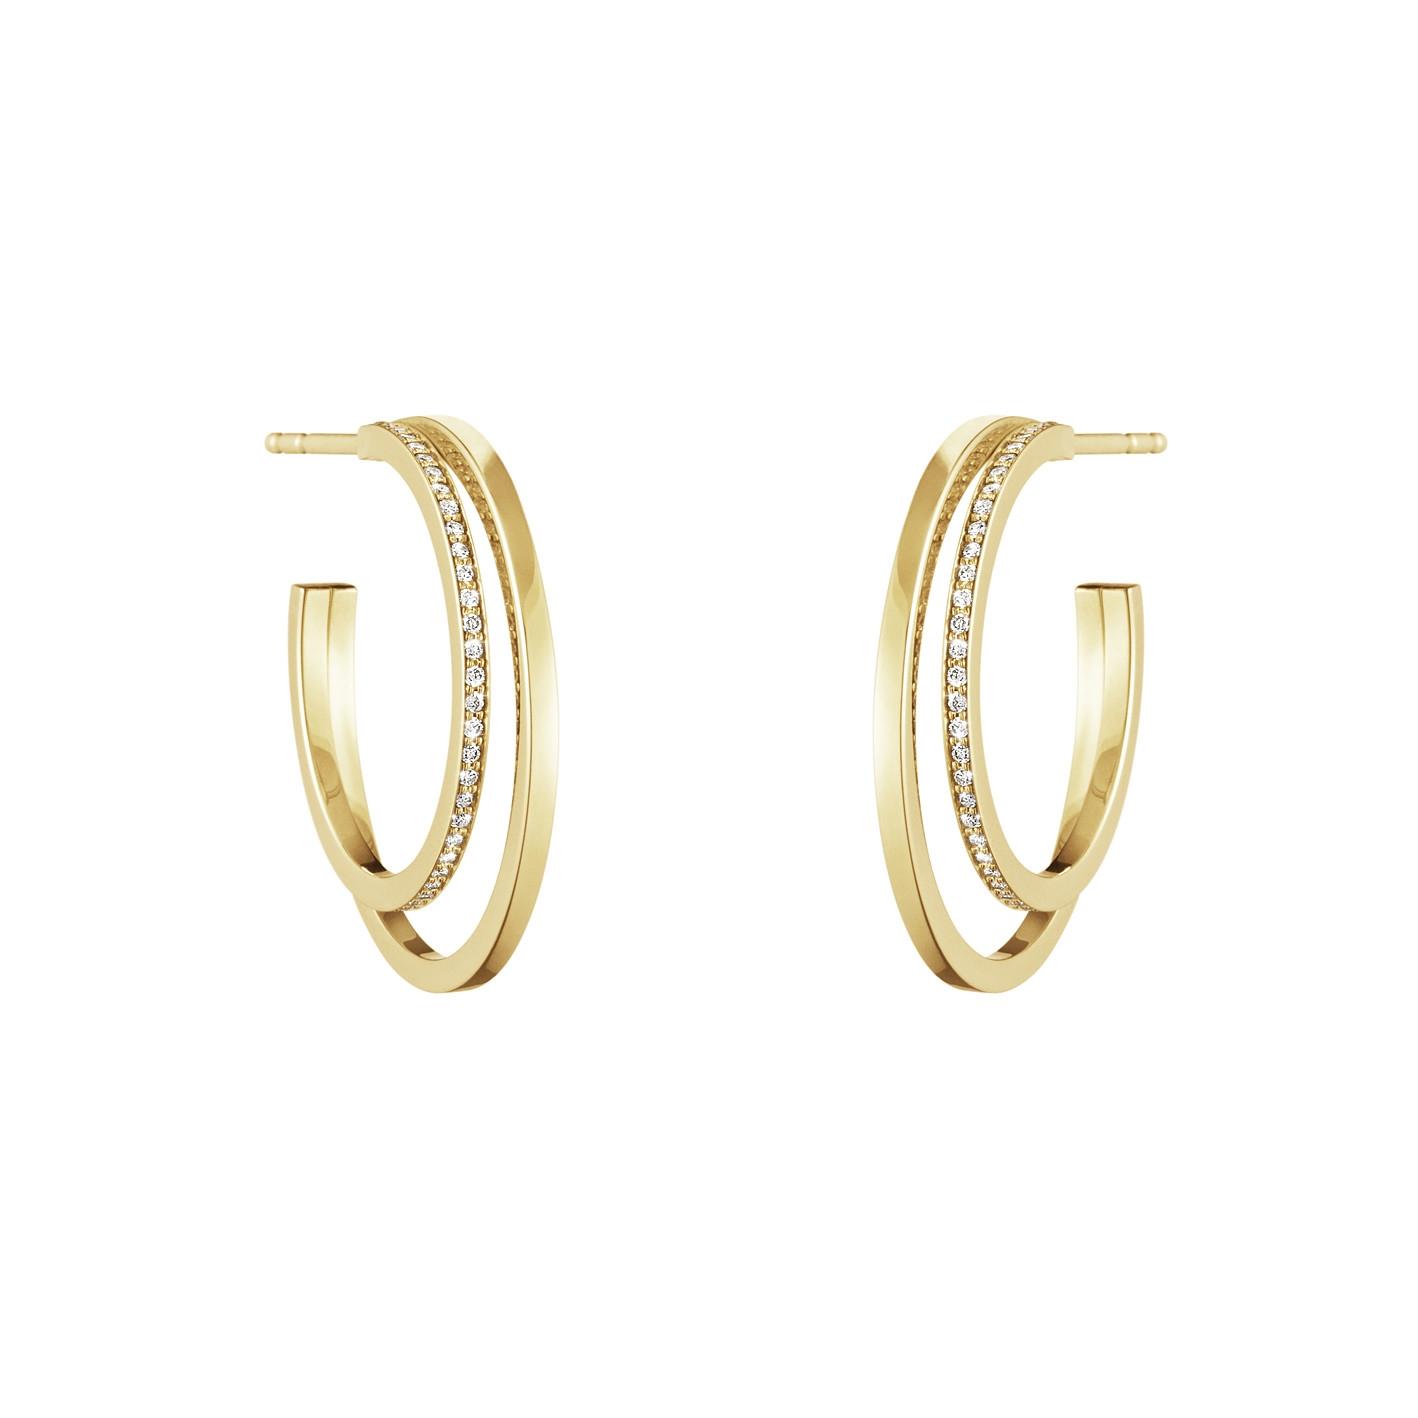 Halo Large 18ct Yellow Gold & Diamond Double Hoop Earrings